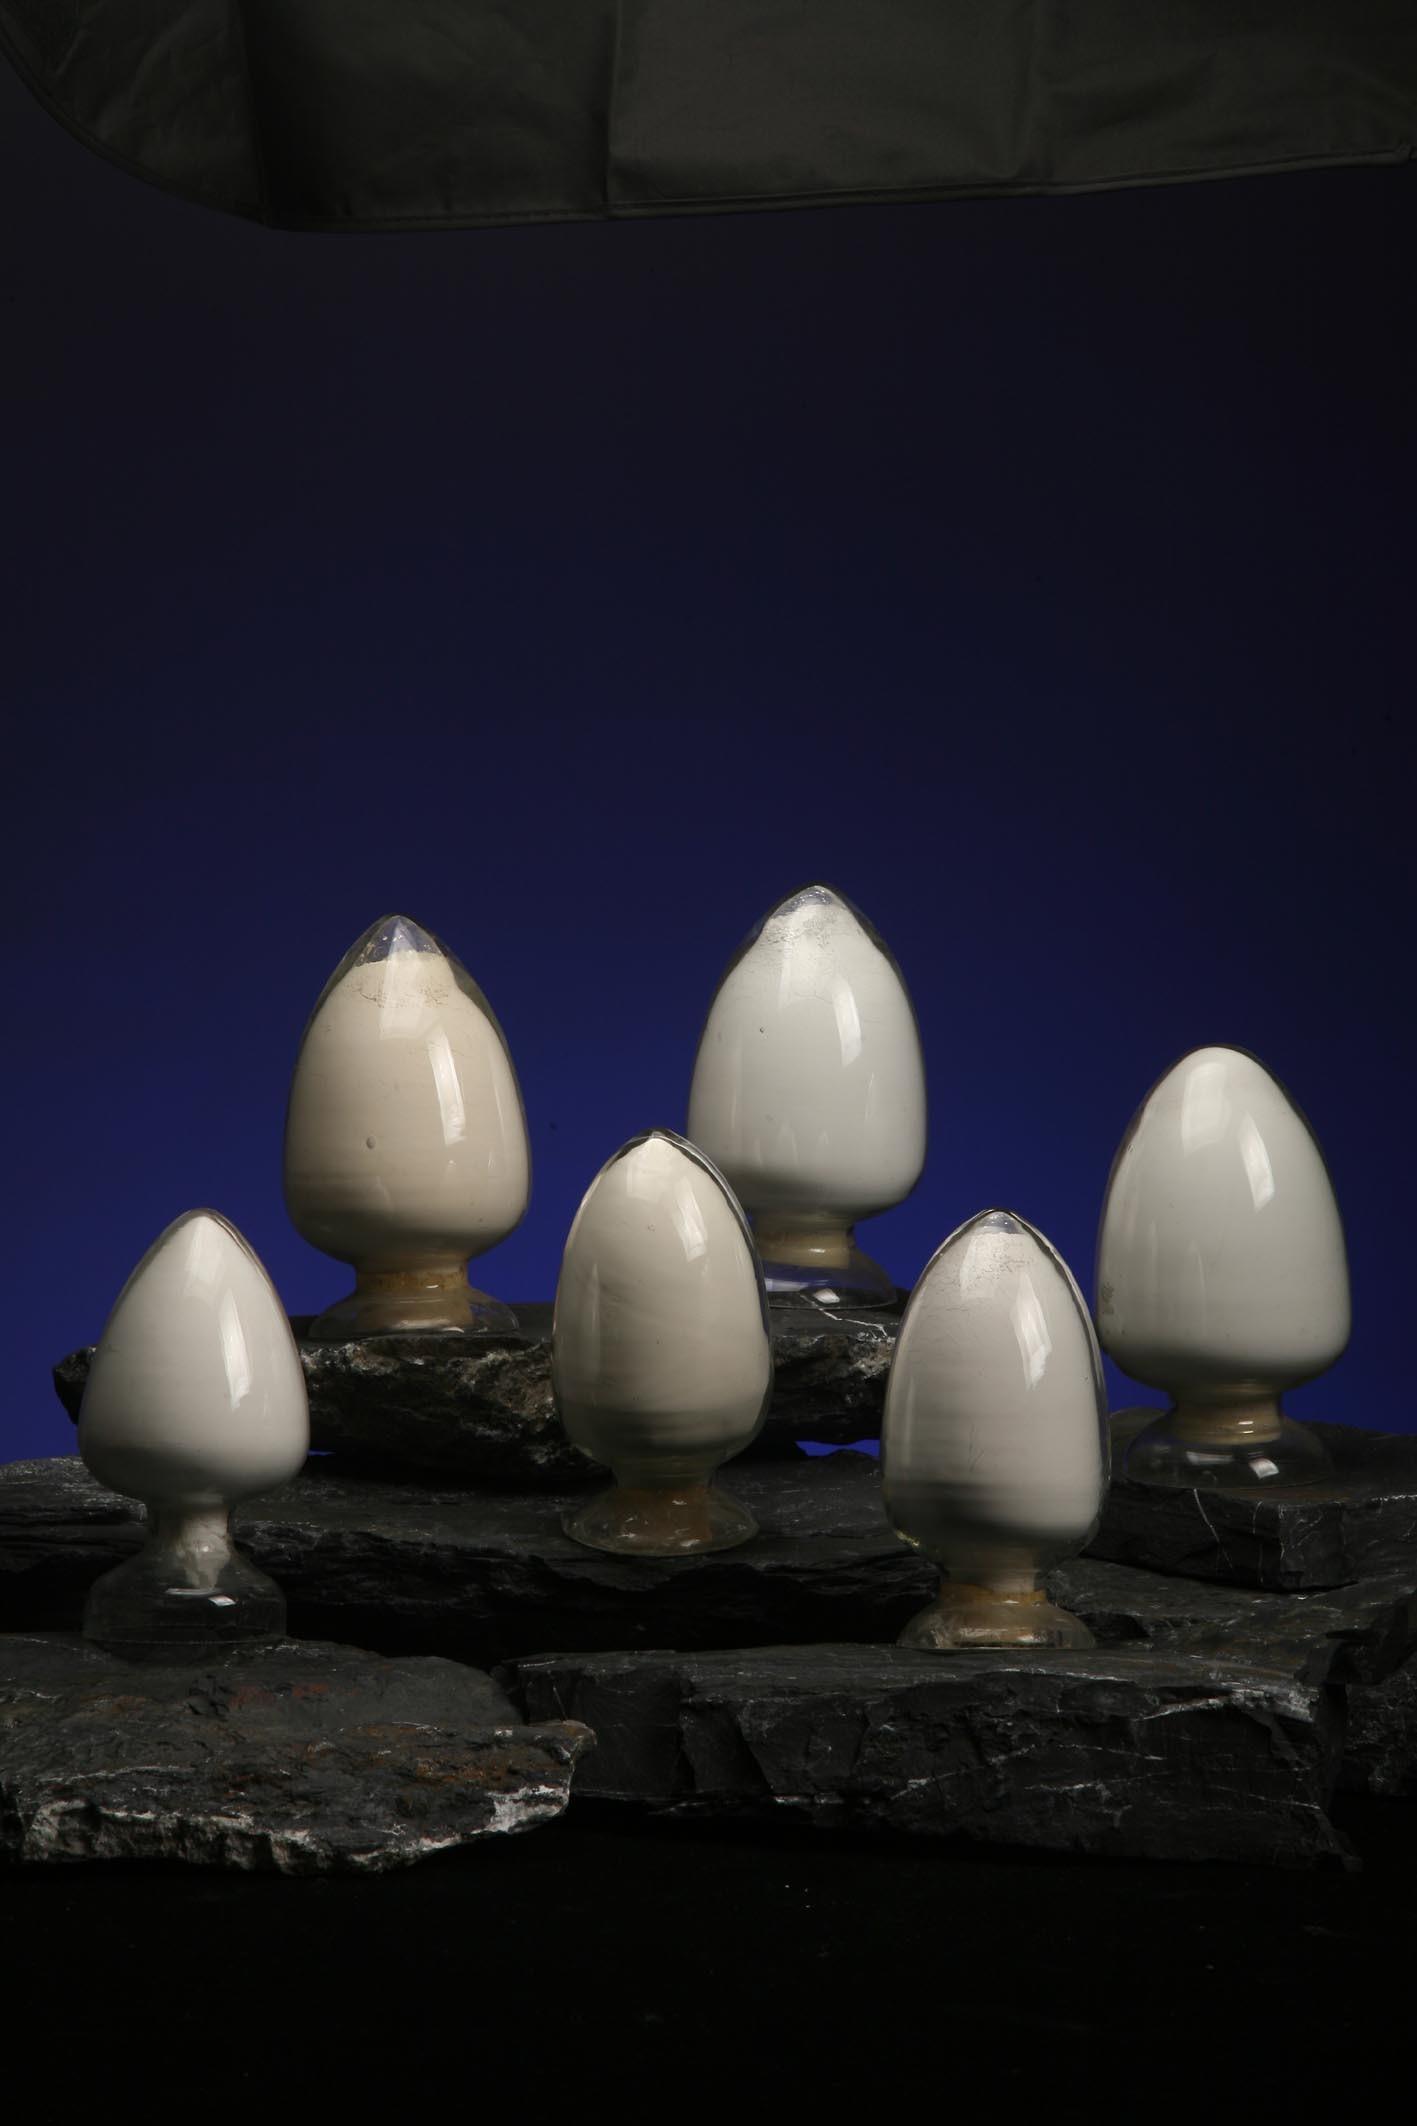 Organoclay (tetraallkyl ammonium bentonite) for Solvent-Based System